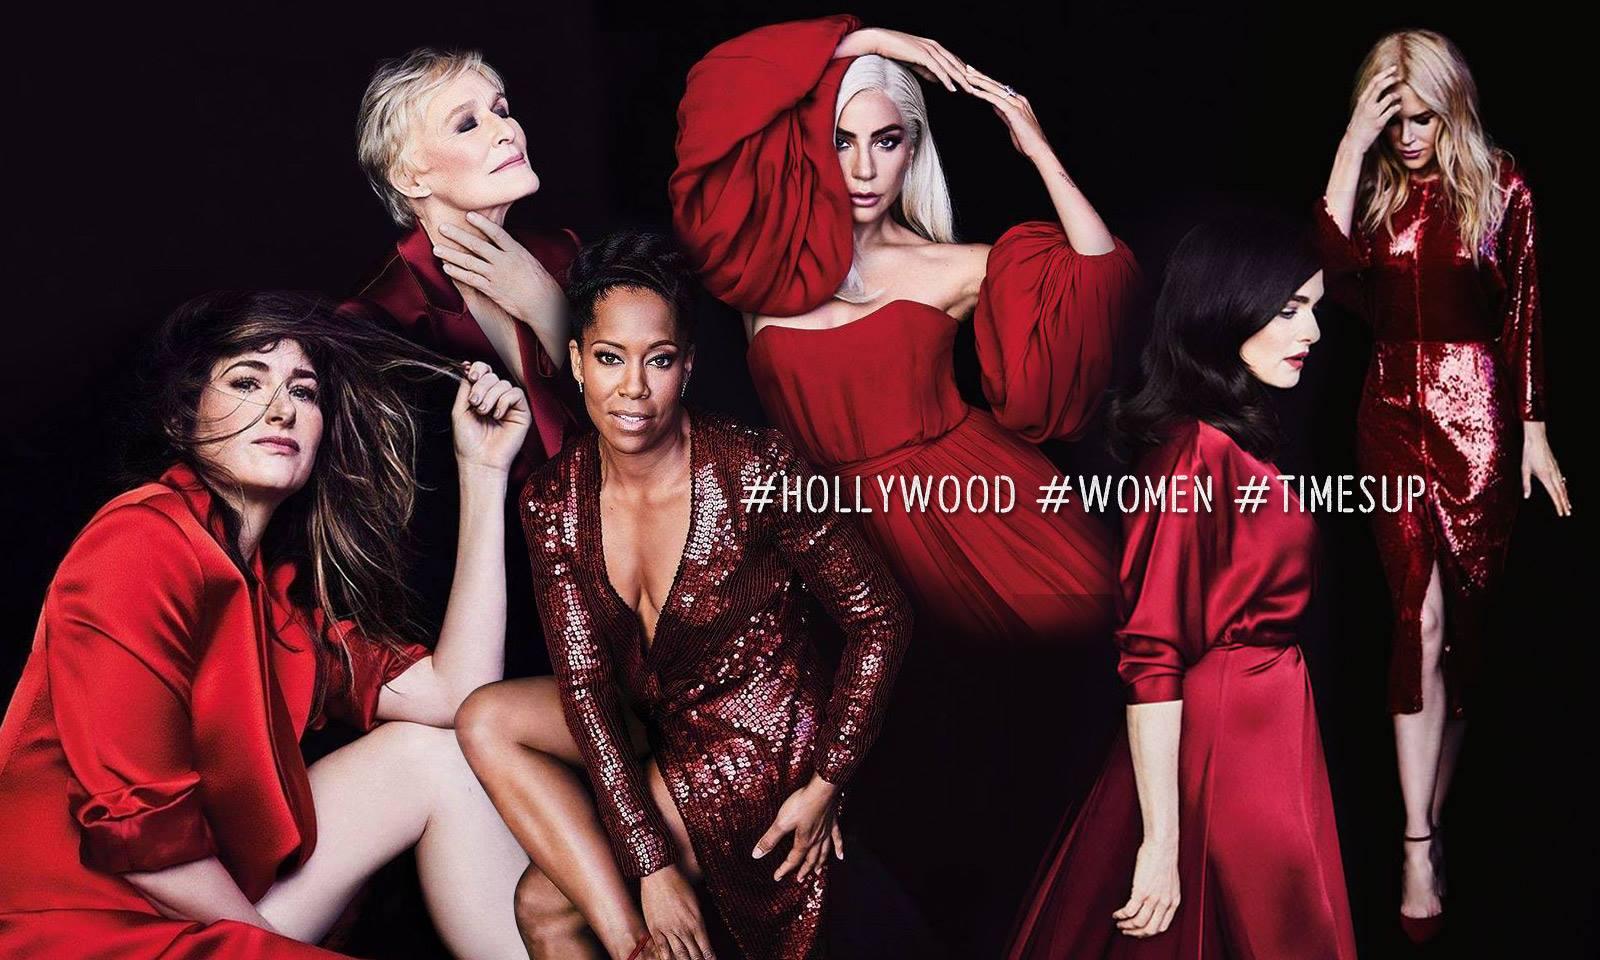 Câu chuyện bàn tròn của 6 nữ diễn viên Hollywood: Cuộc cách mạng đã thật sự bắt đầu!